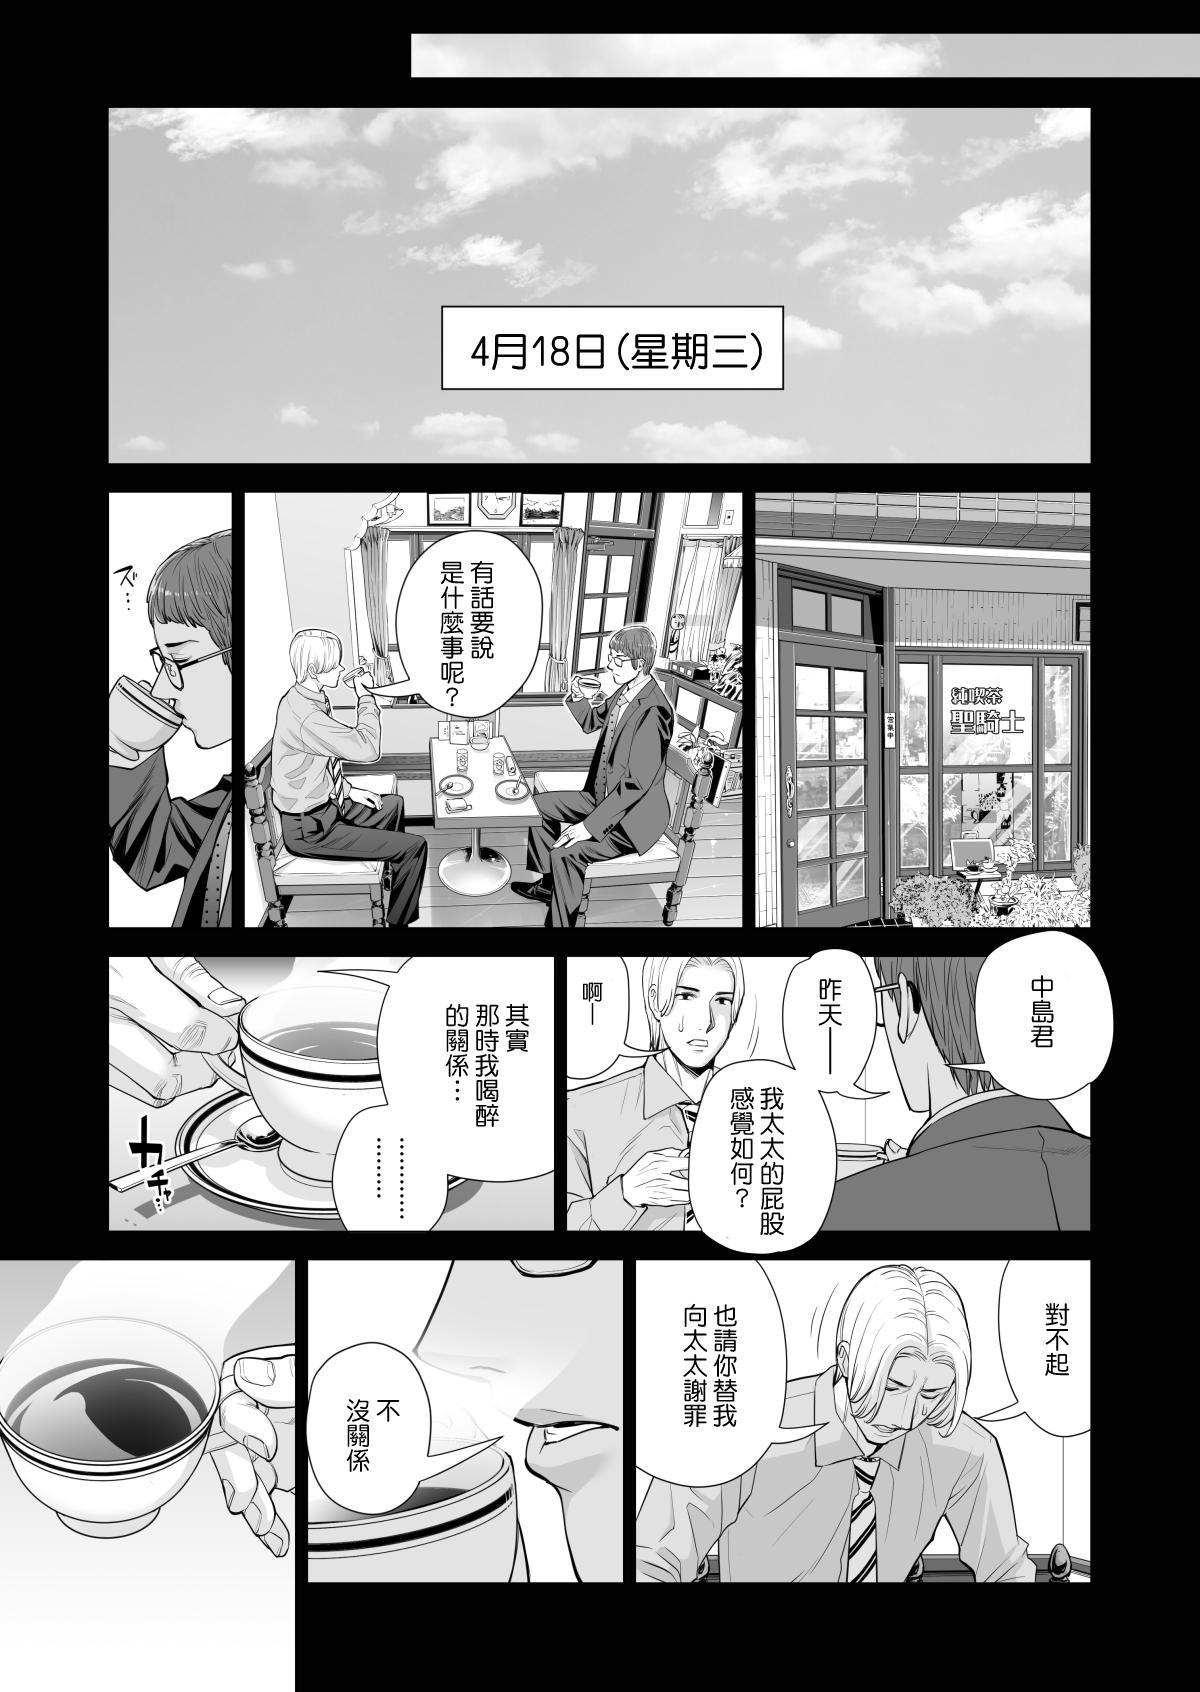 [HGT Lab (Tsusauto)] Tsukiyo no Midare Zake ~Hitozuma wa Yoitsubureta Otto no Soba de Douryou ni Netorareru~ Kouhen (CHINESE) 44